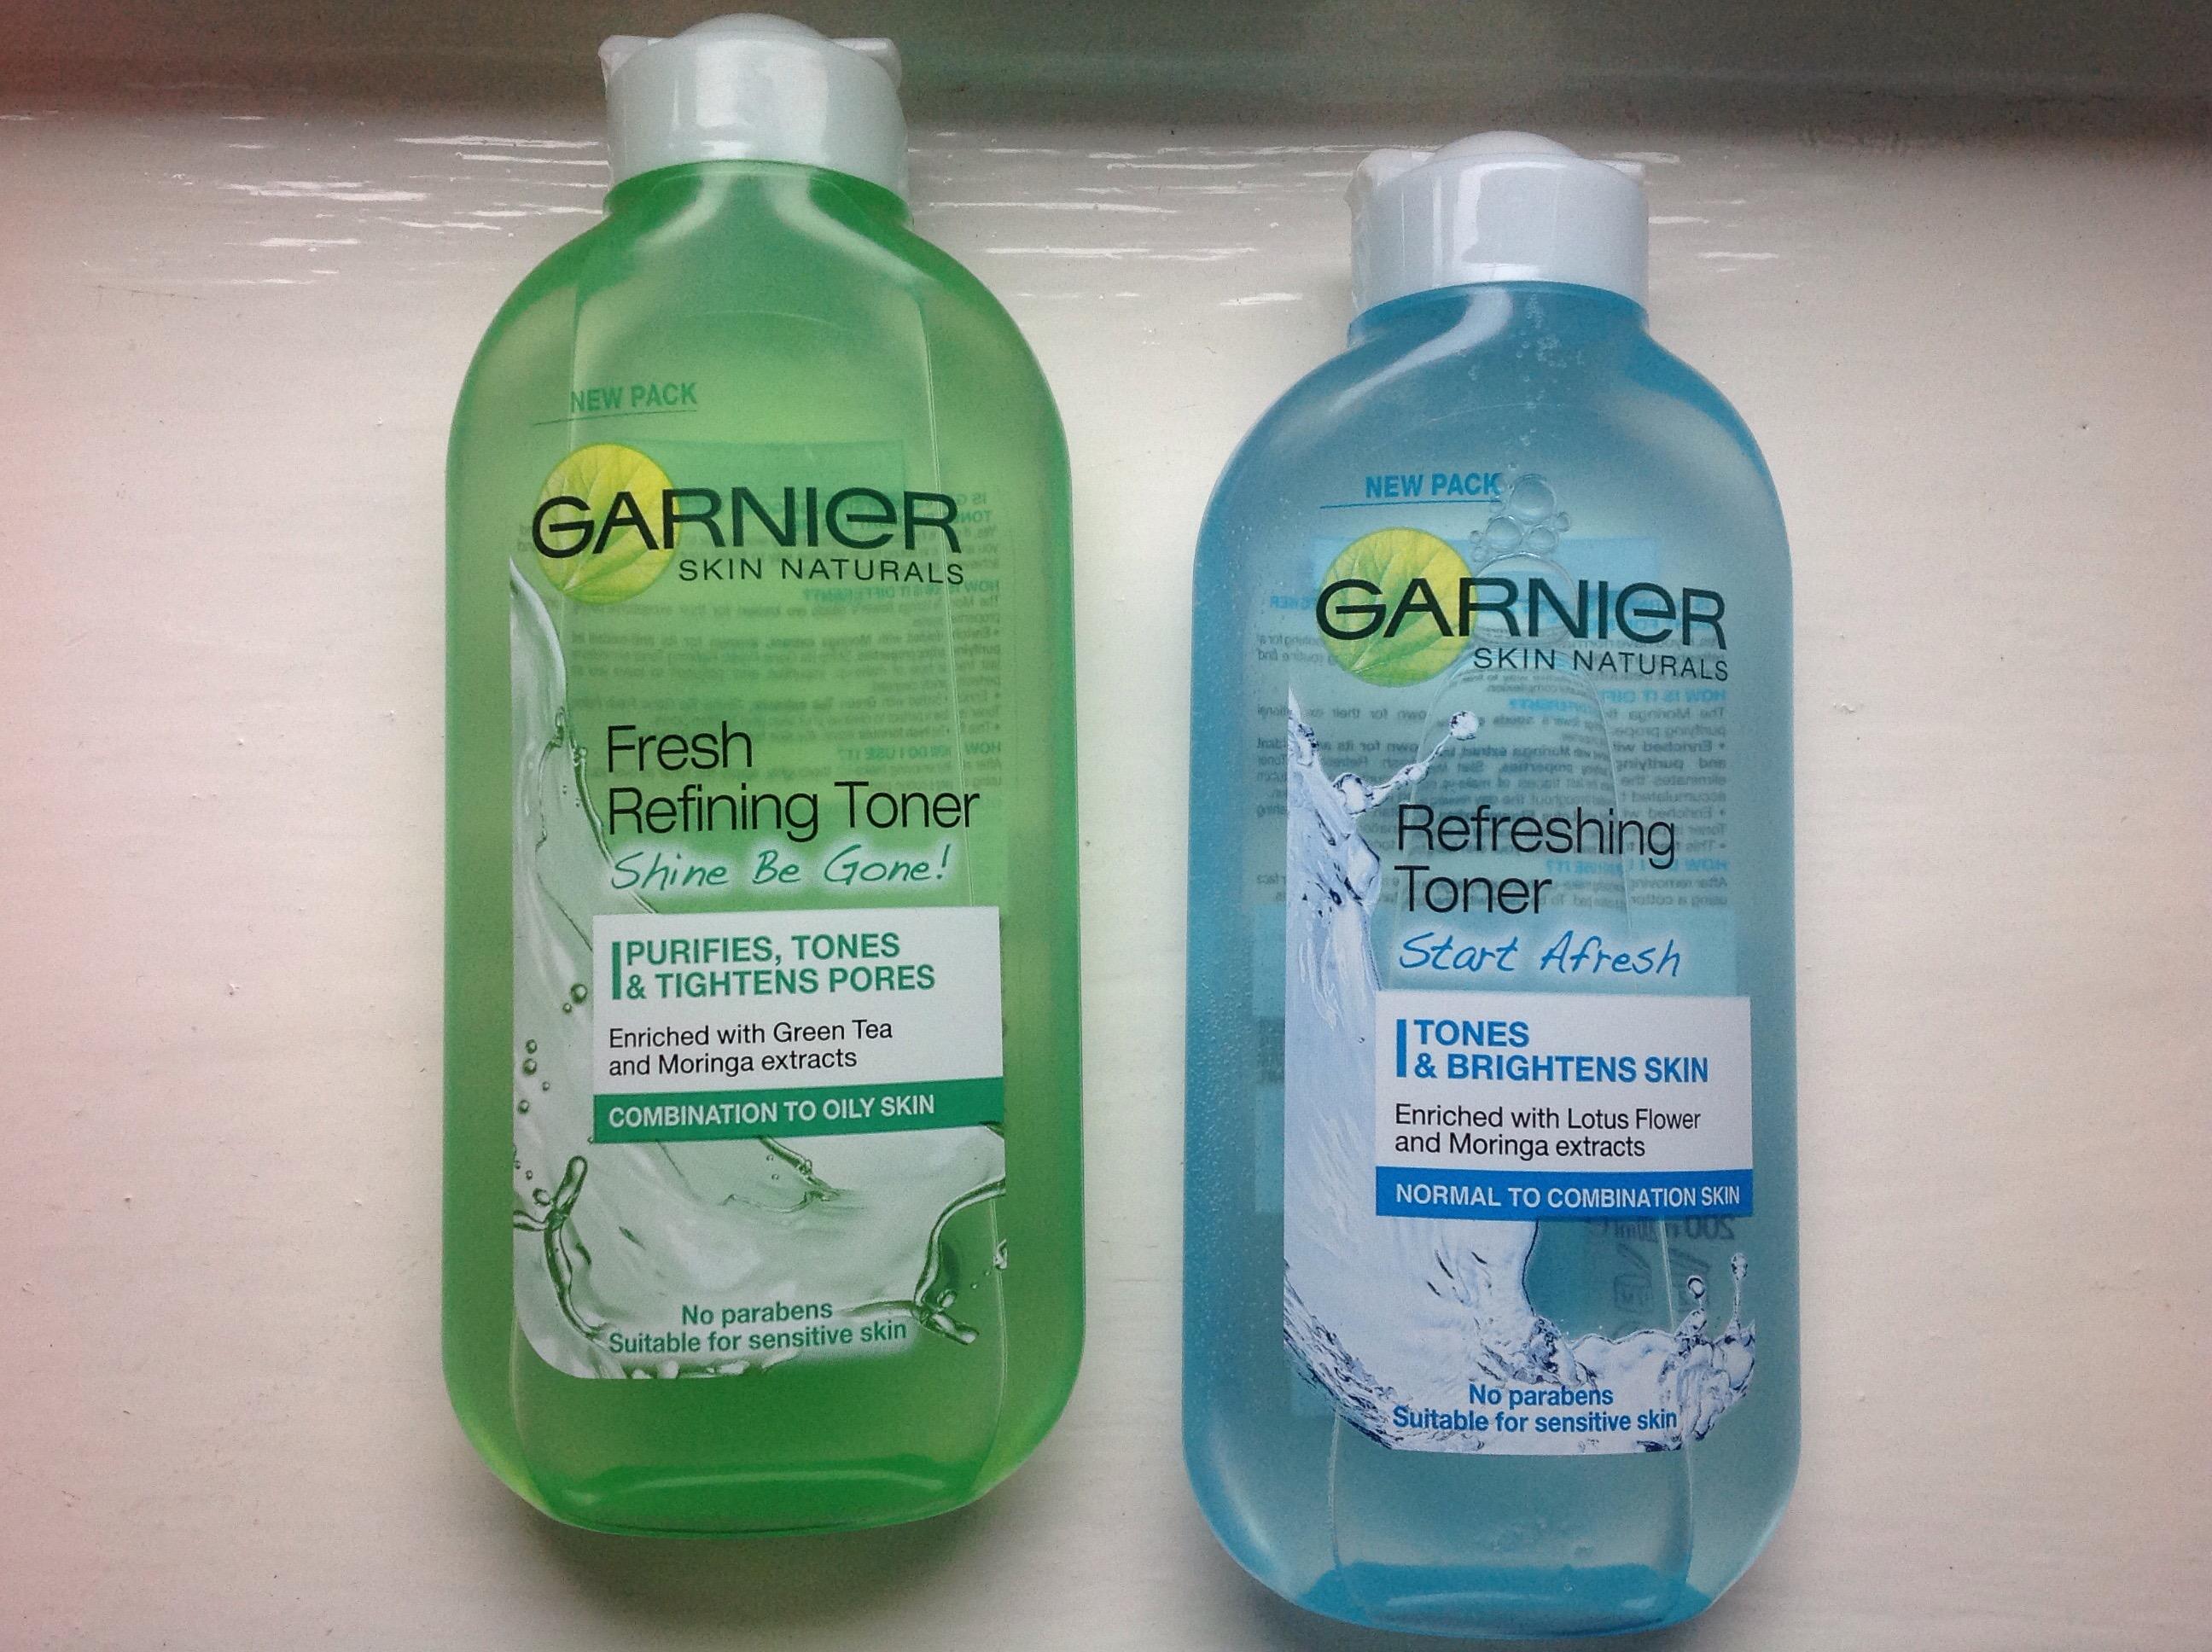 garnier shine be gone toner review